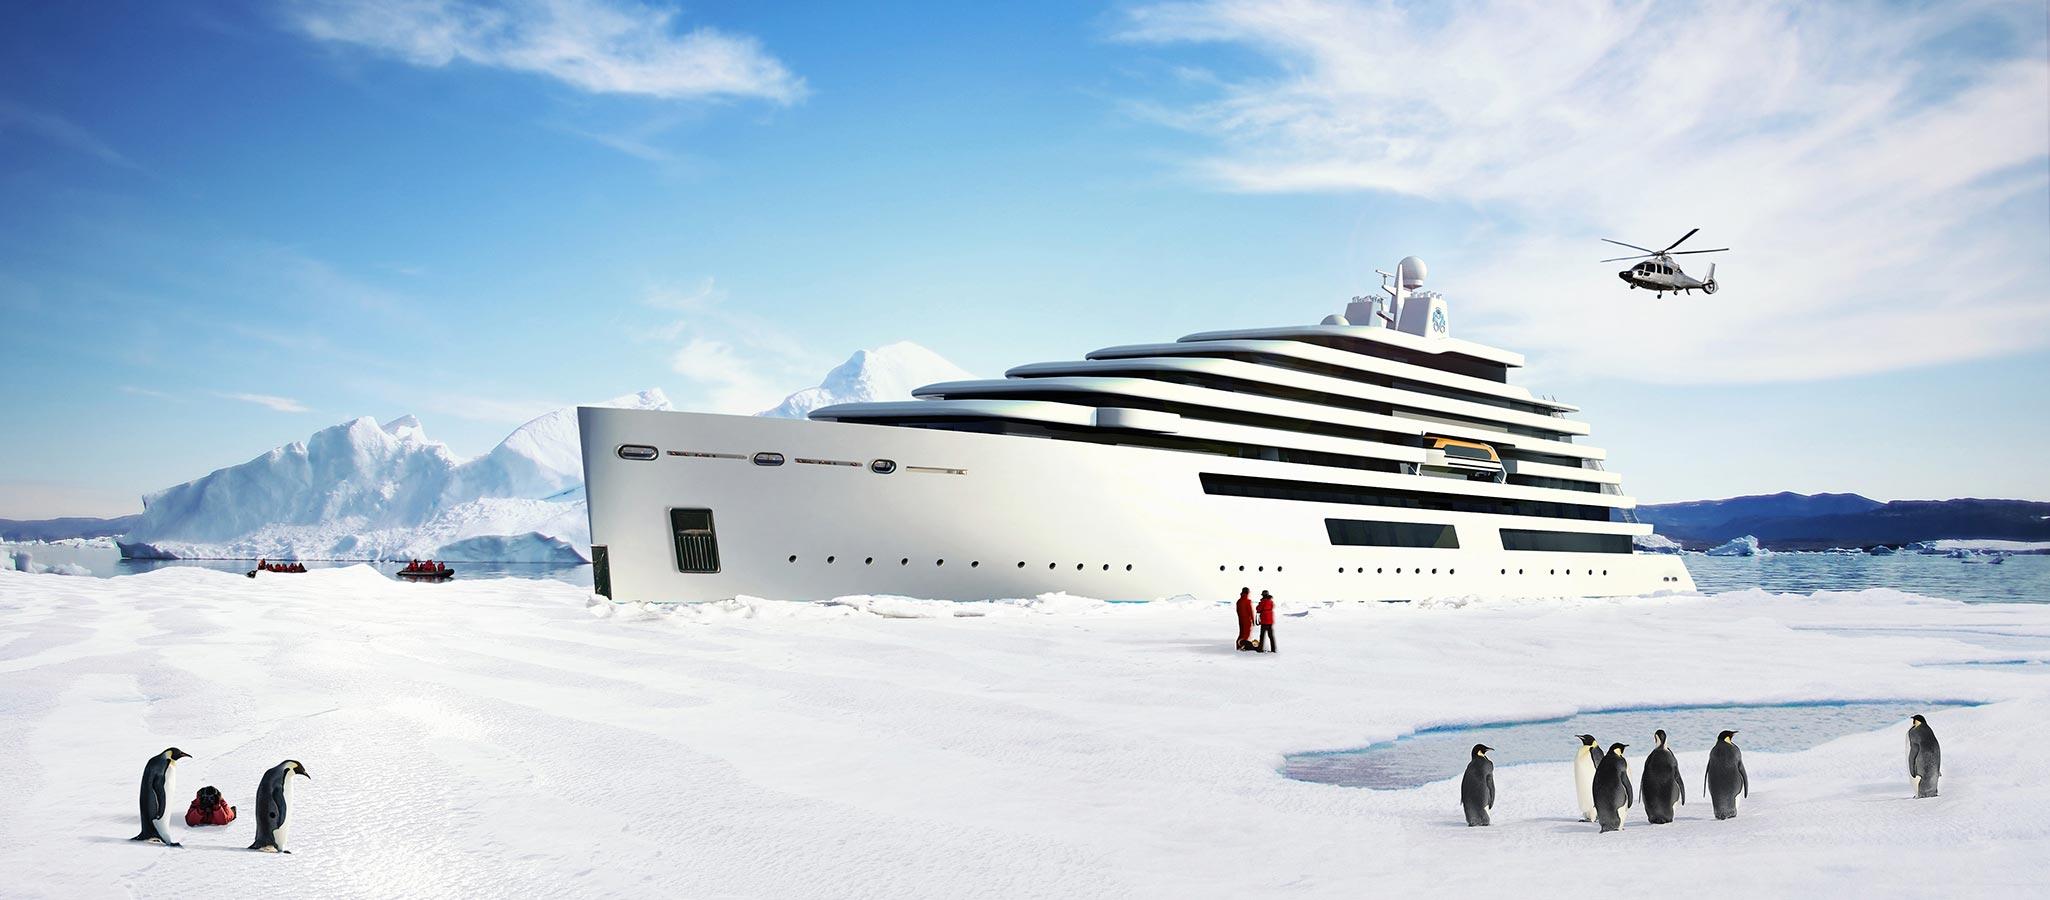 Discovery Yachten mit Eisklasse bringen Ihre Teilnehmer an Orte, die nicht viele Menschen vor Ihnen erleben durften.